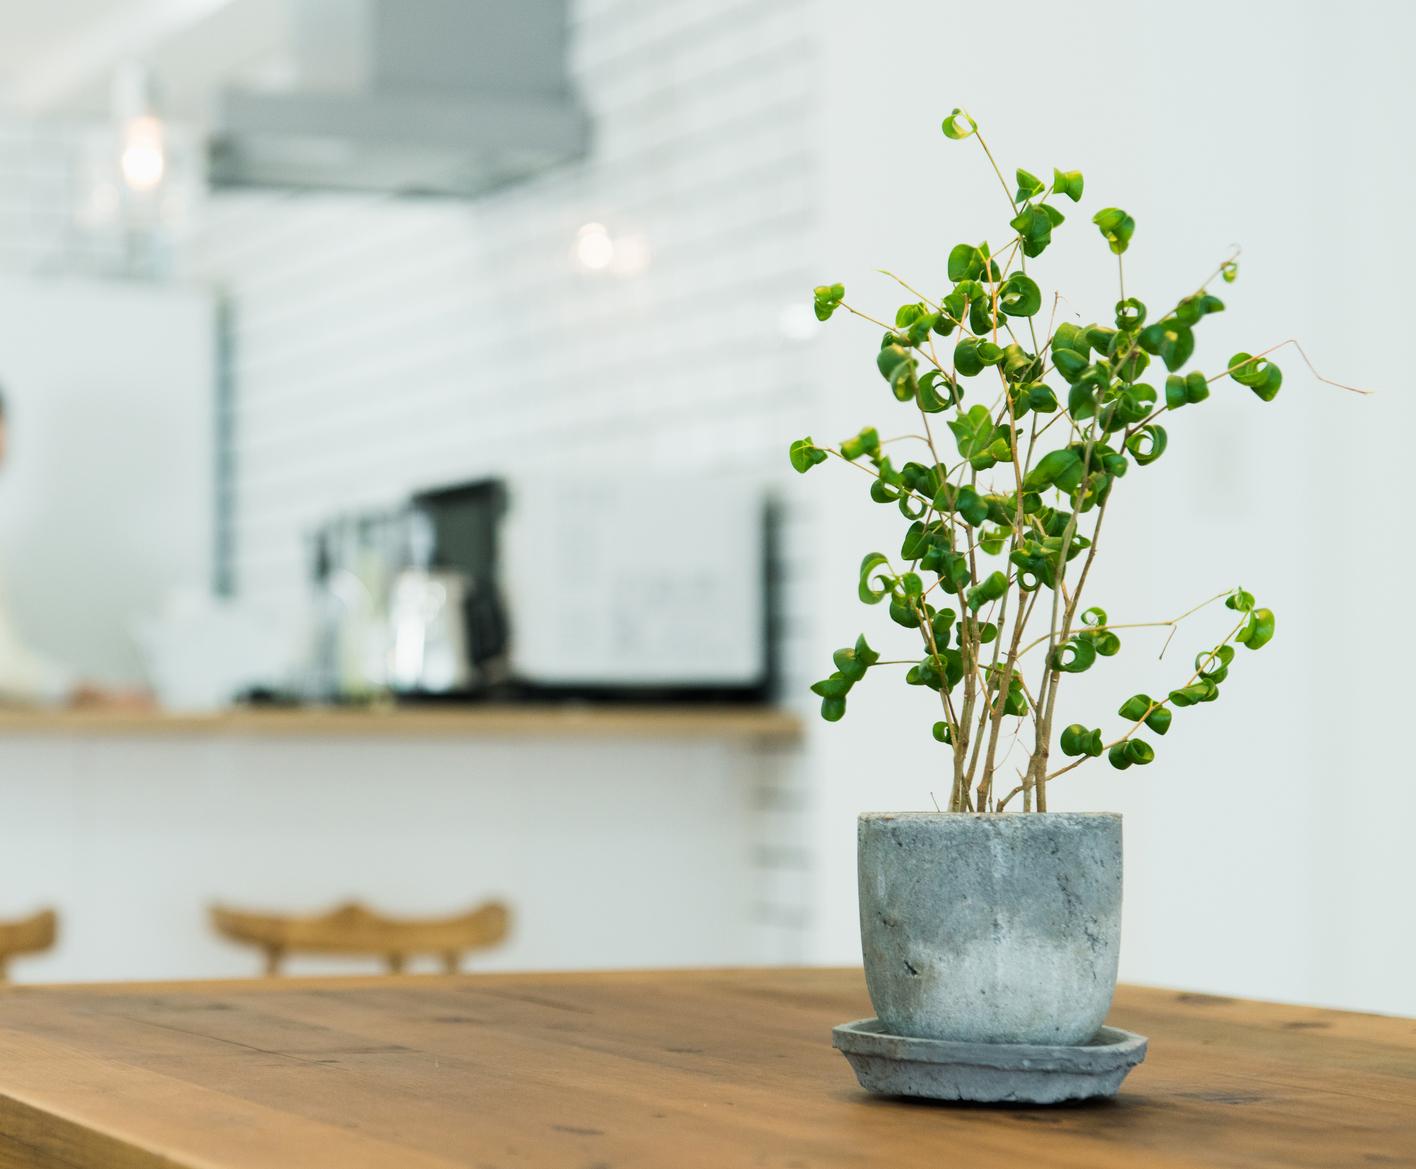 こちらも「フィカス」属の観葉植物。カールした濃い緑色の葉が特徴です。フィカス・ベンジャミンの中でも新しい品種の「バロック」。これから人気が上がりそうですね。